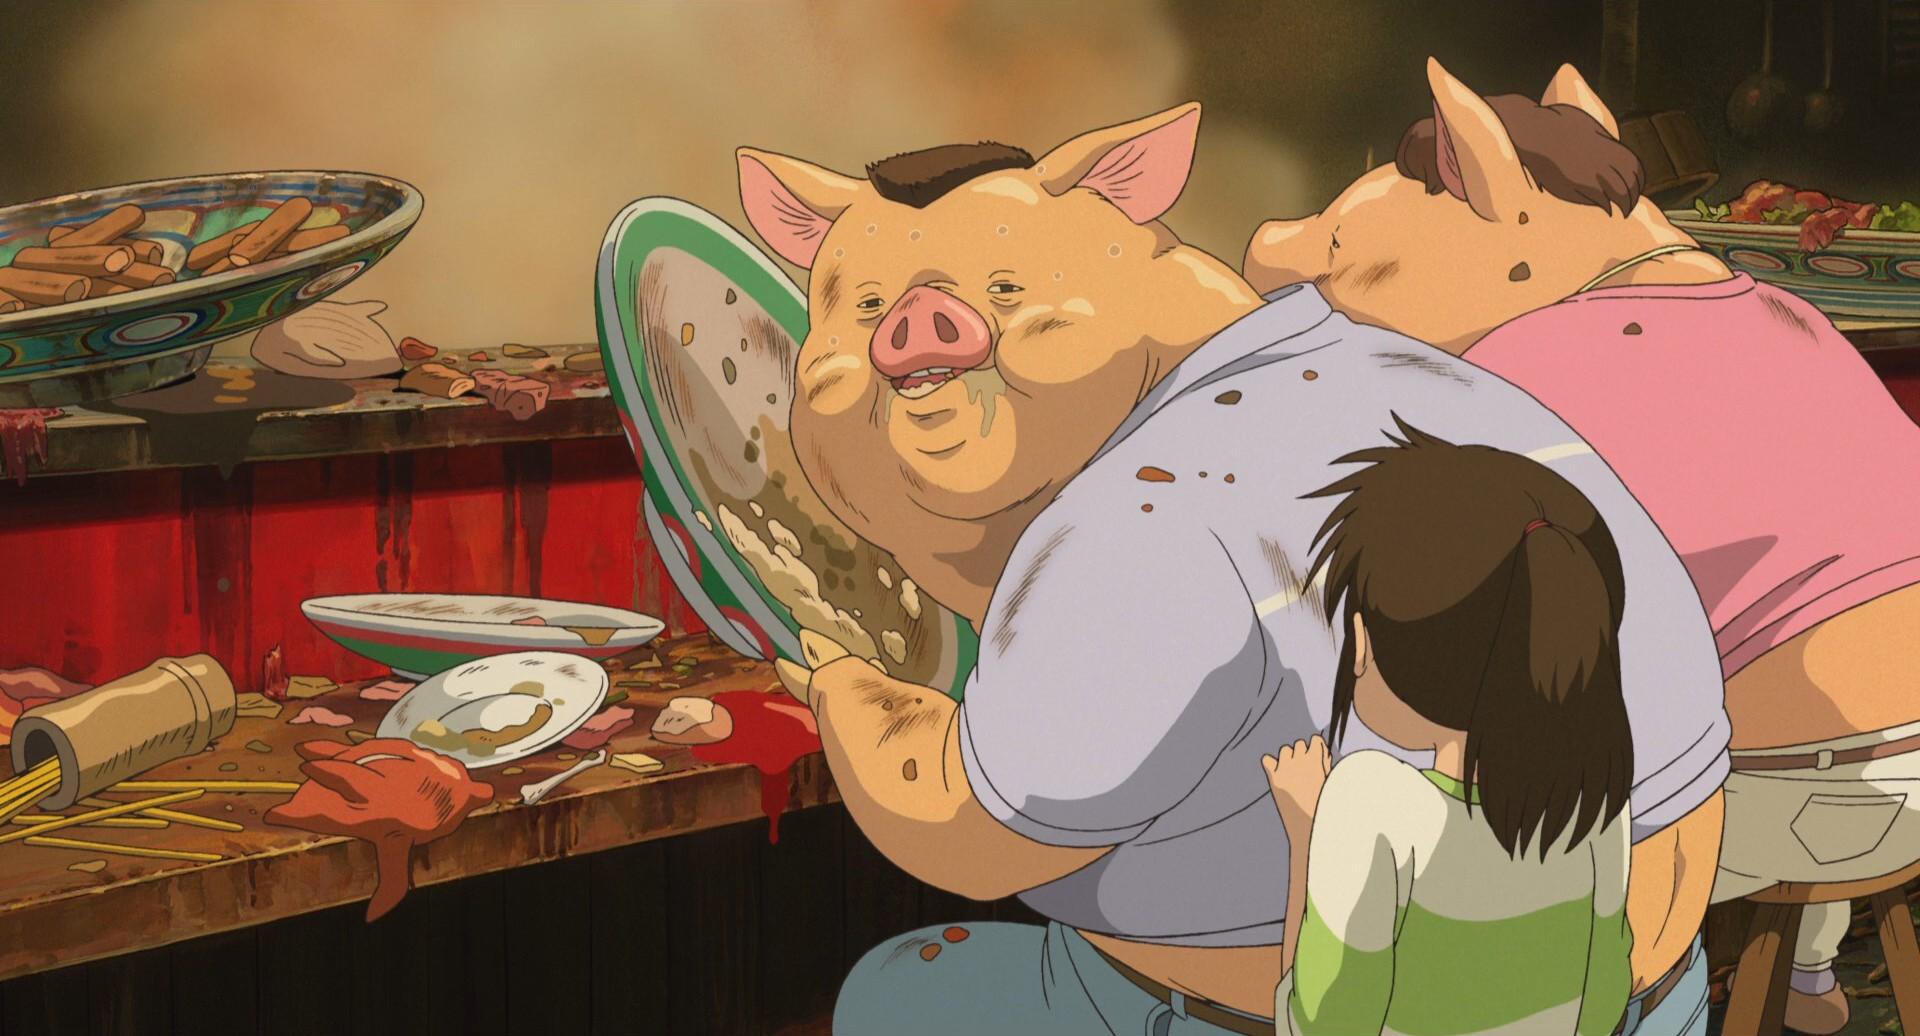 千と千尋の神隠し 豚 画像